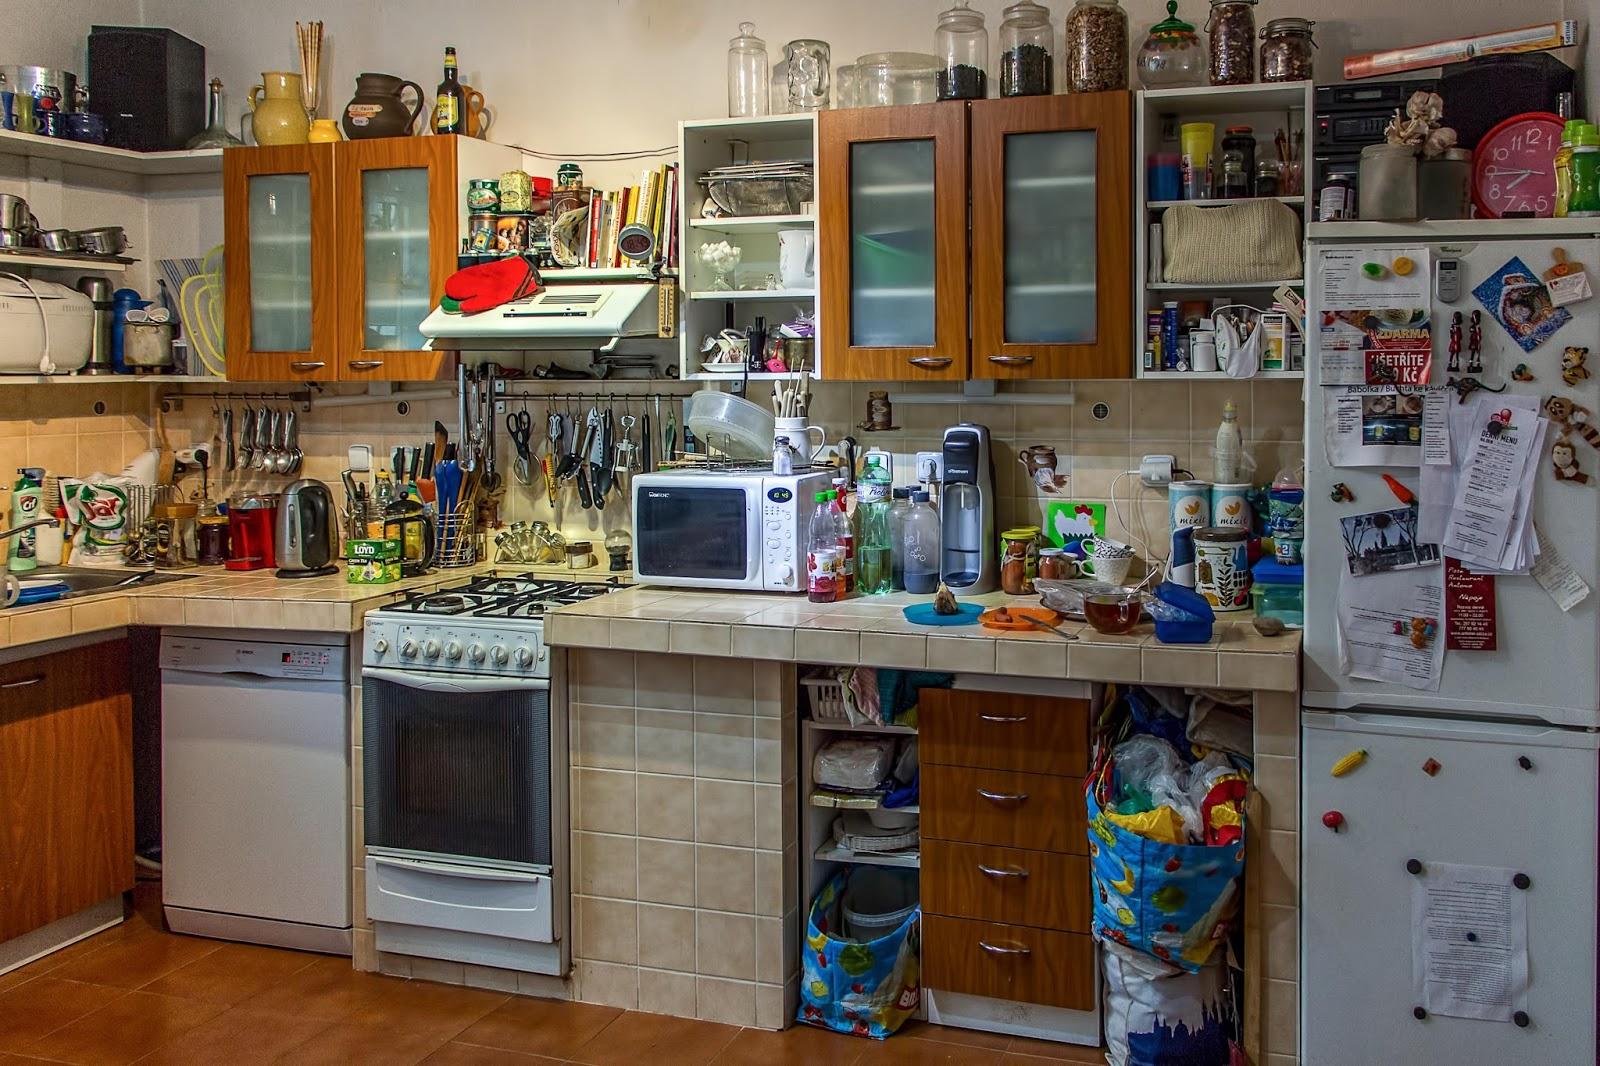 Siasati Dengan Membuat Daftar Peralatan Yang Ingin Digunakan Serta Diletn Di Dapur